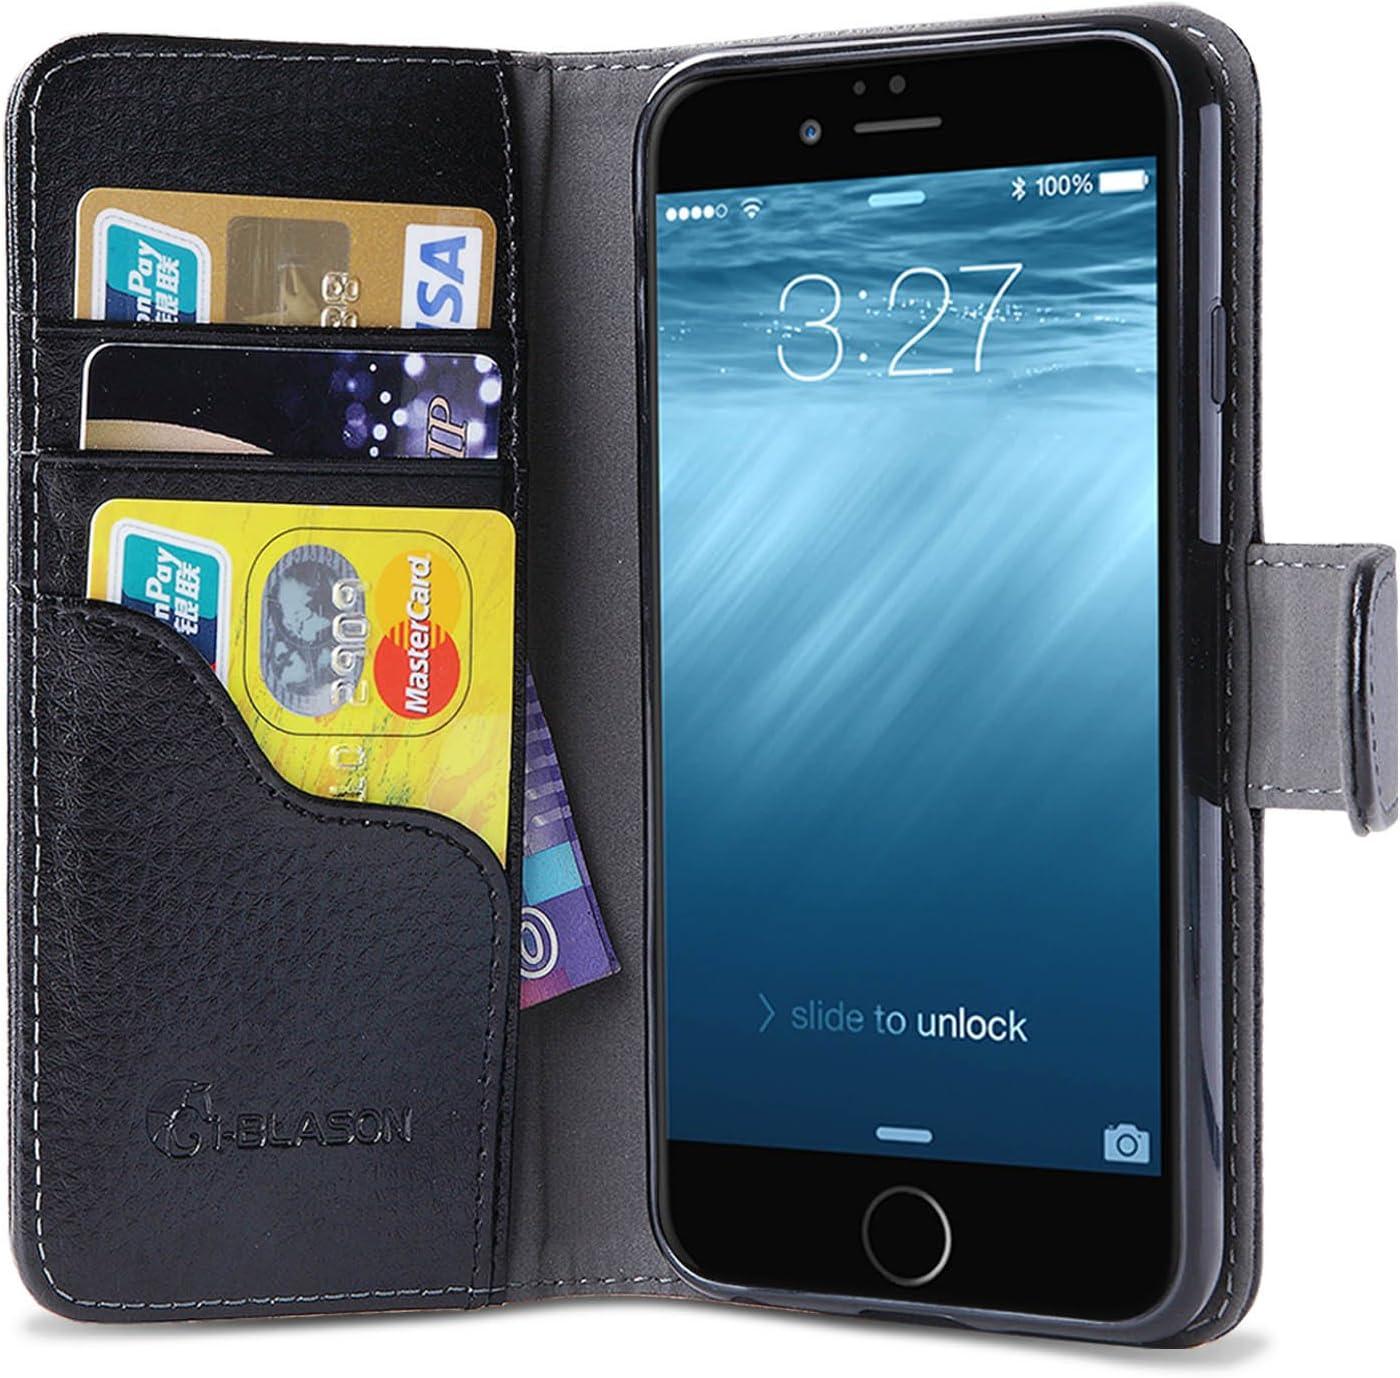 iphone 6s plus cover apple